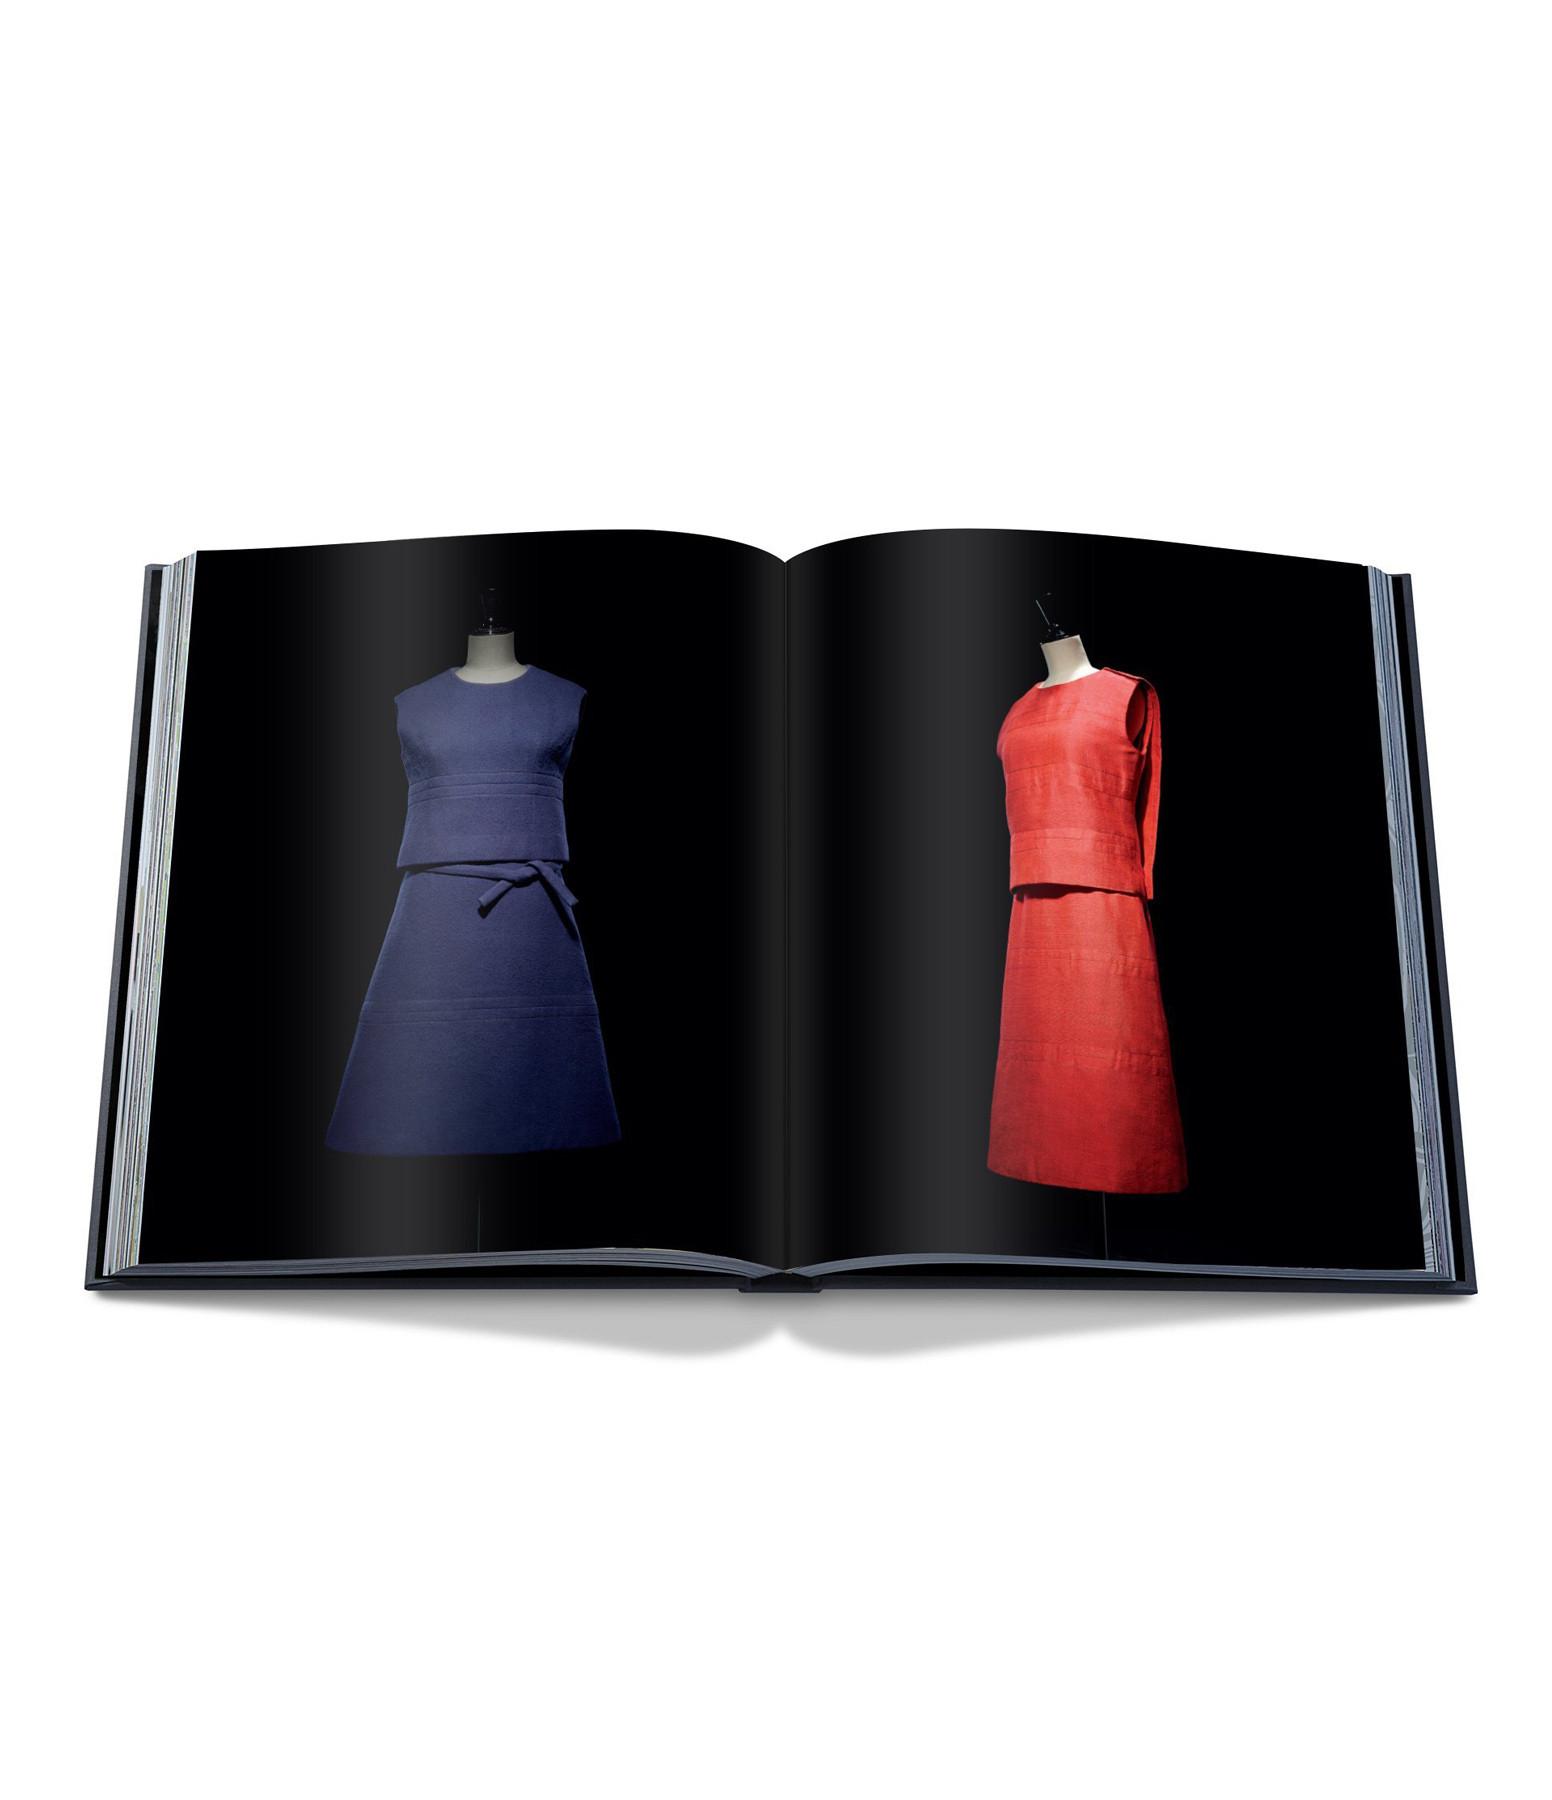 ASSOULINE - Coffret Livres Dior par Marc Bohan, 1961-1989